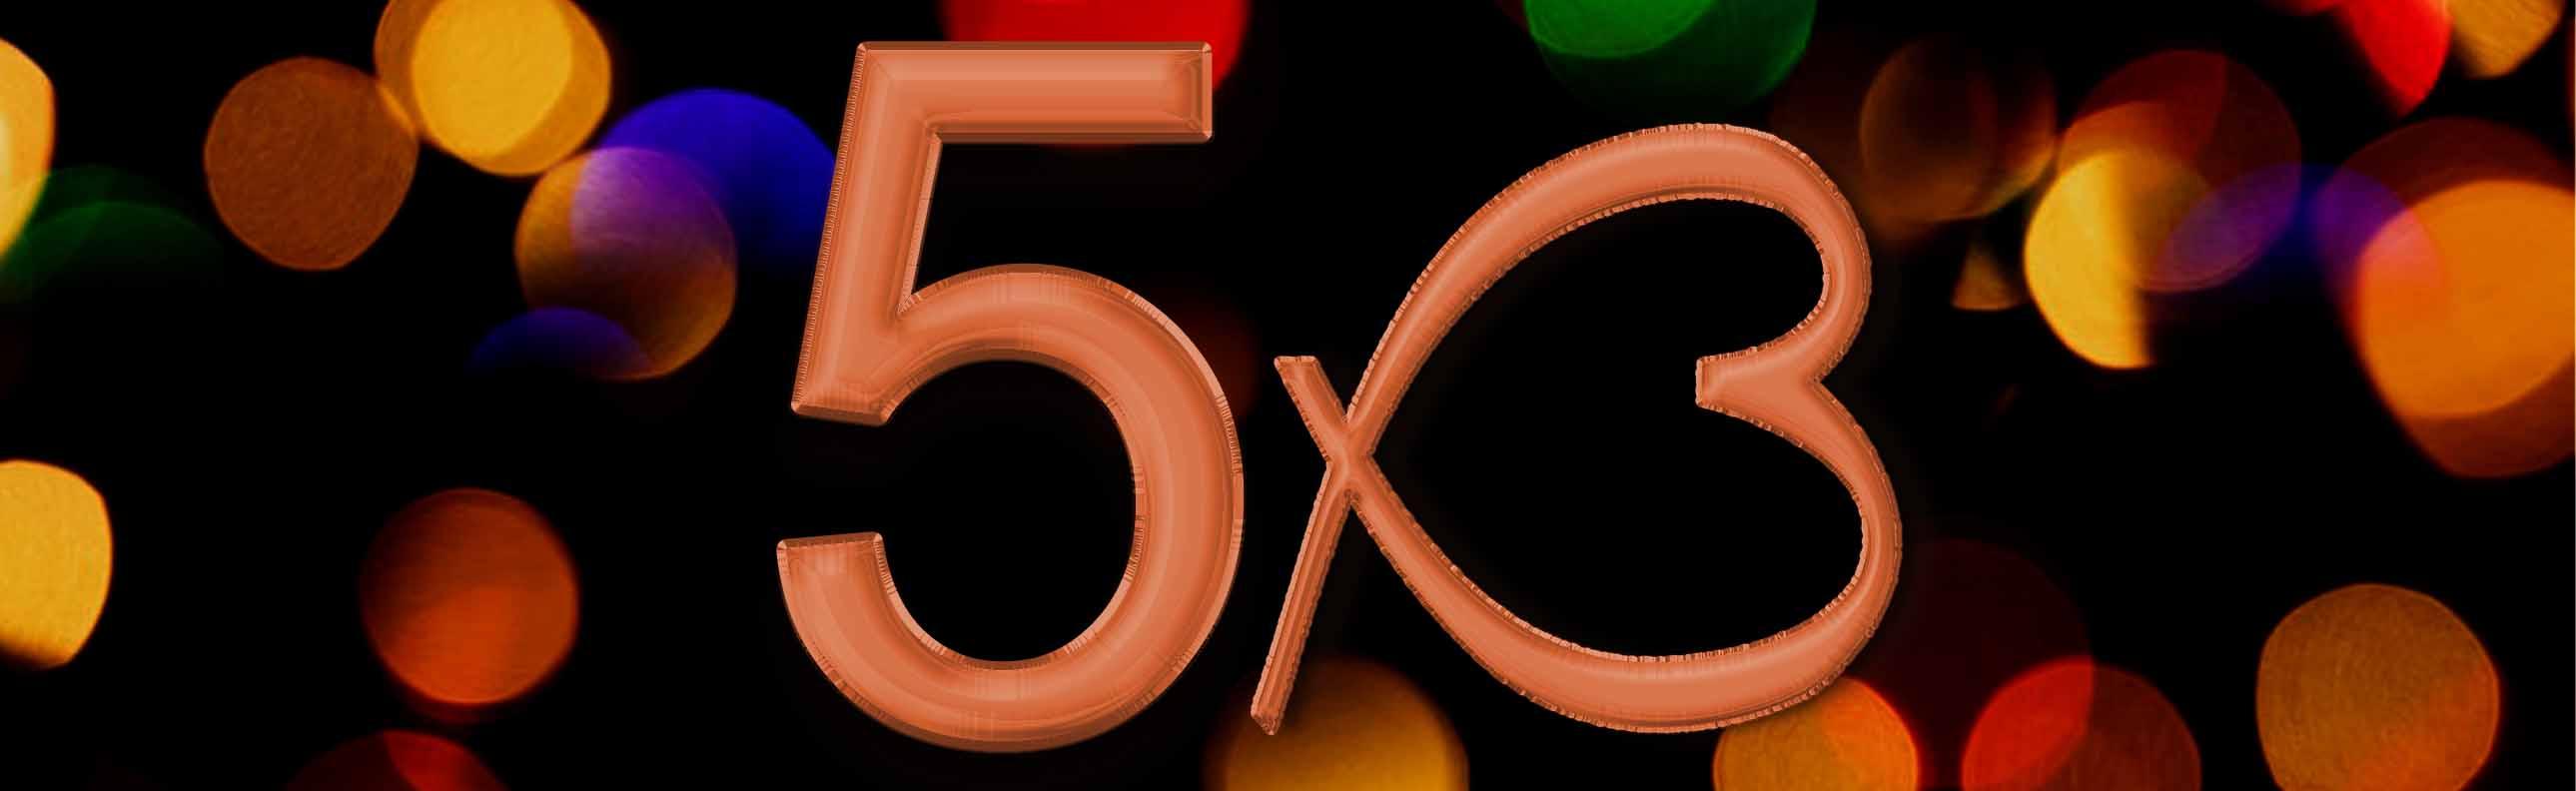 Blostrupmoens 50 liv